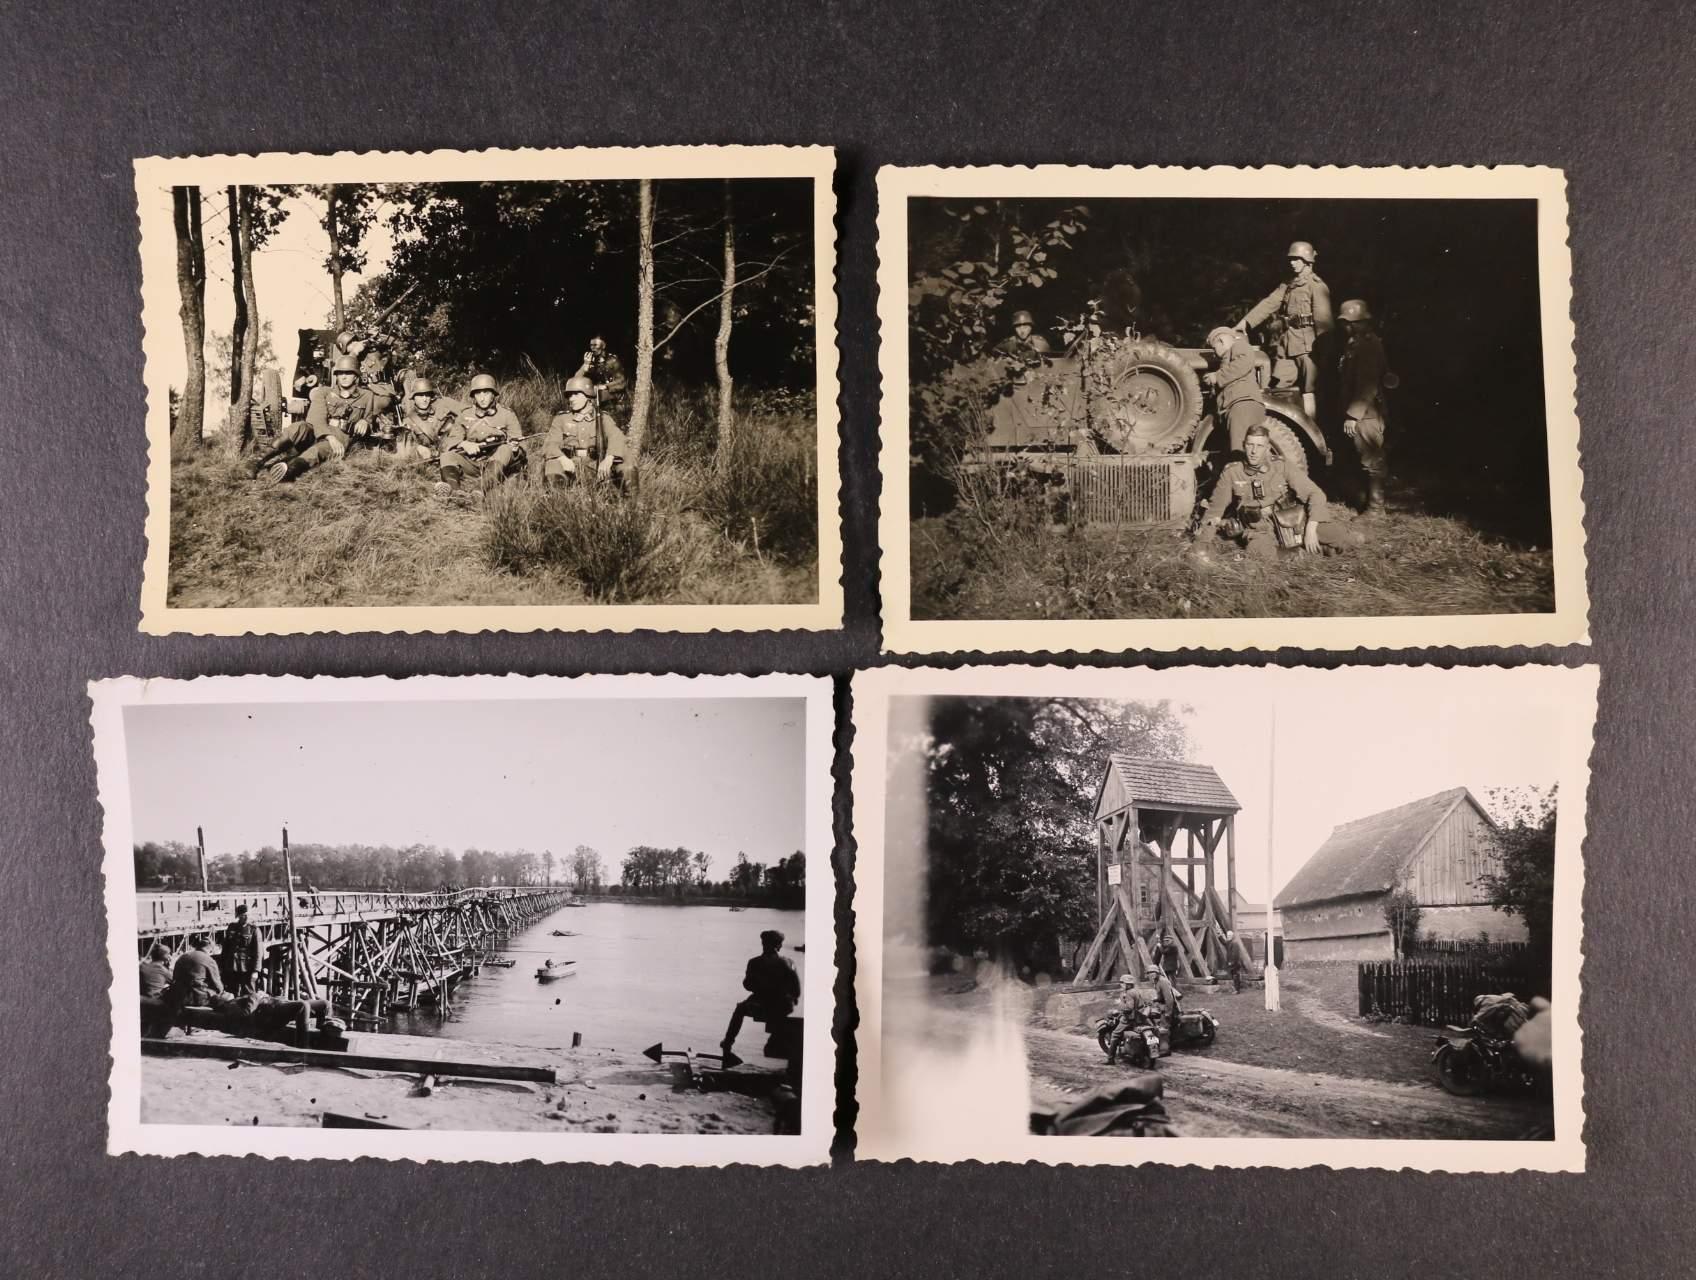 sestava 52 ks fotografií z II. svět. války s popisy, zajímavé